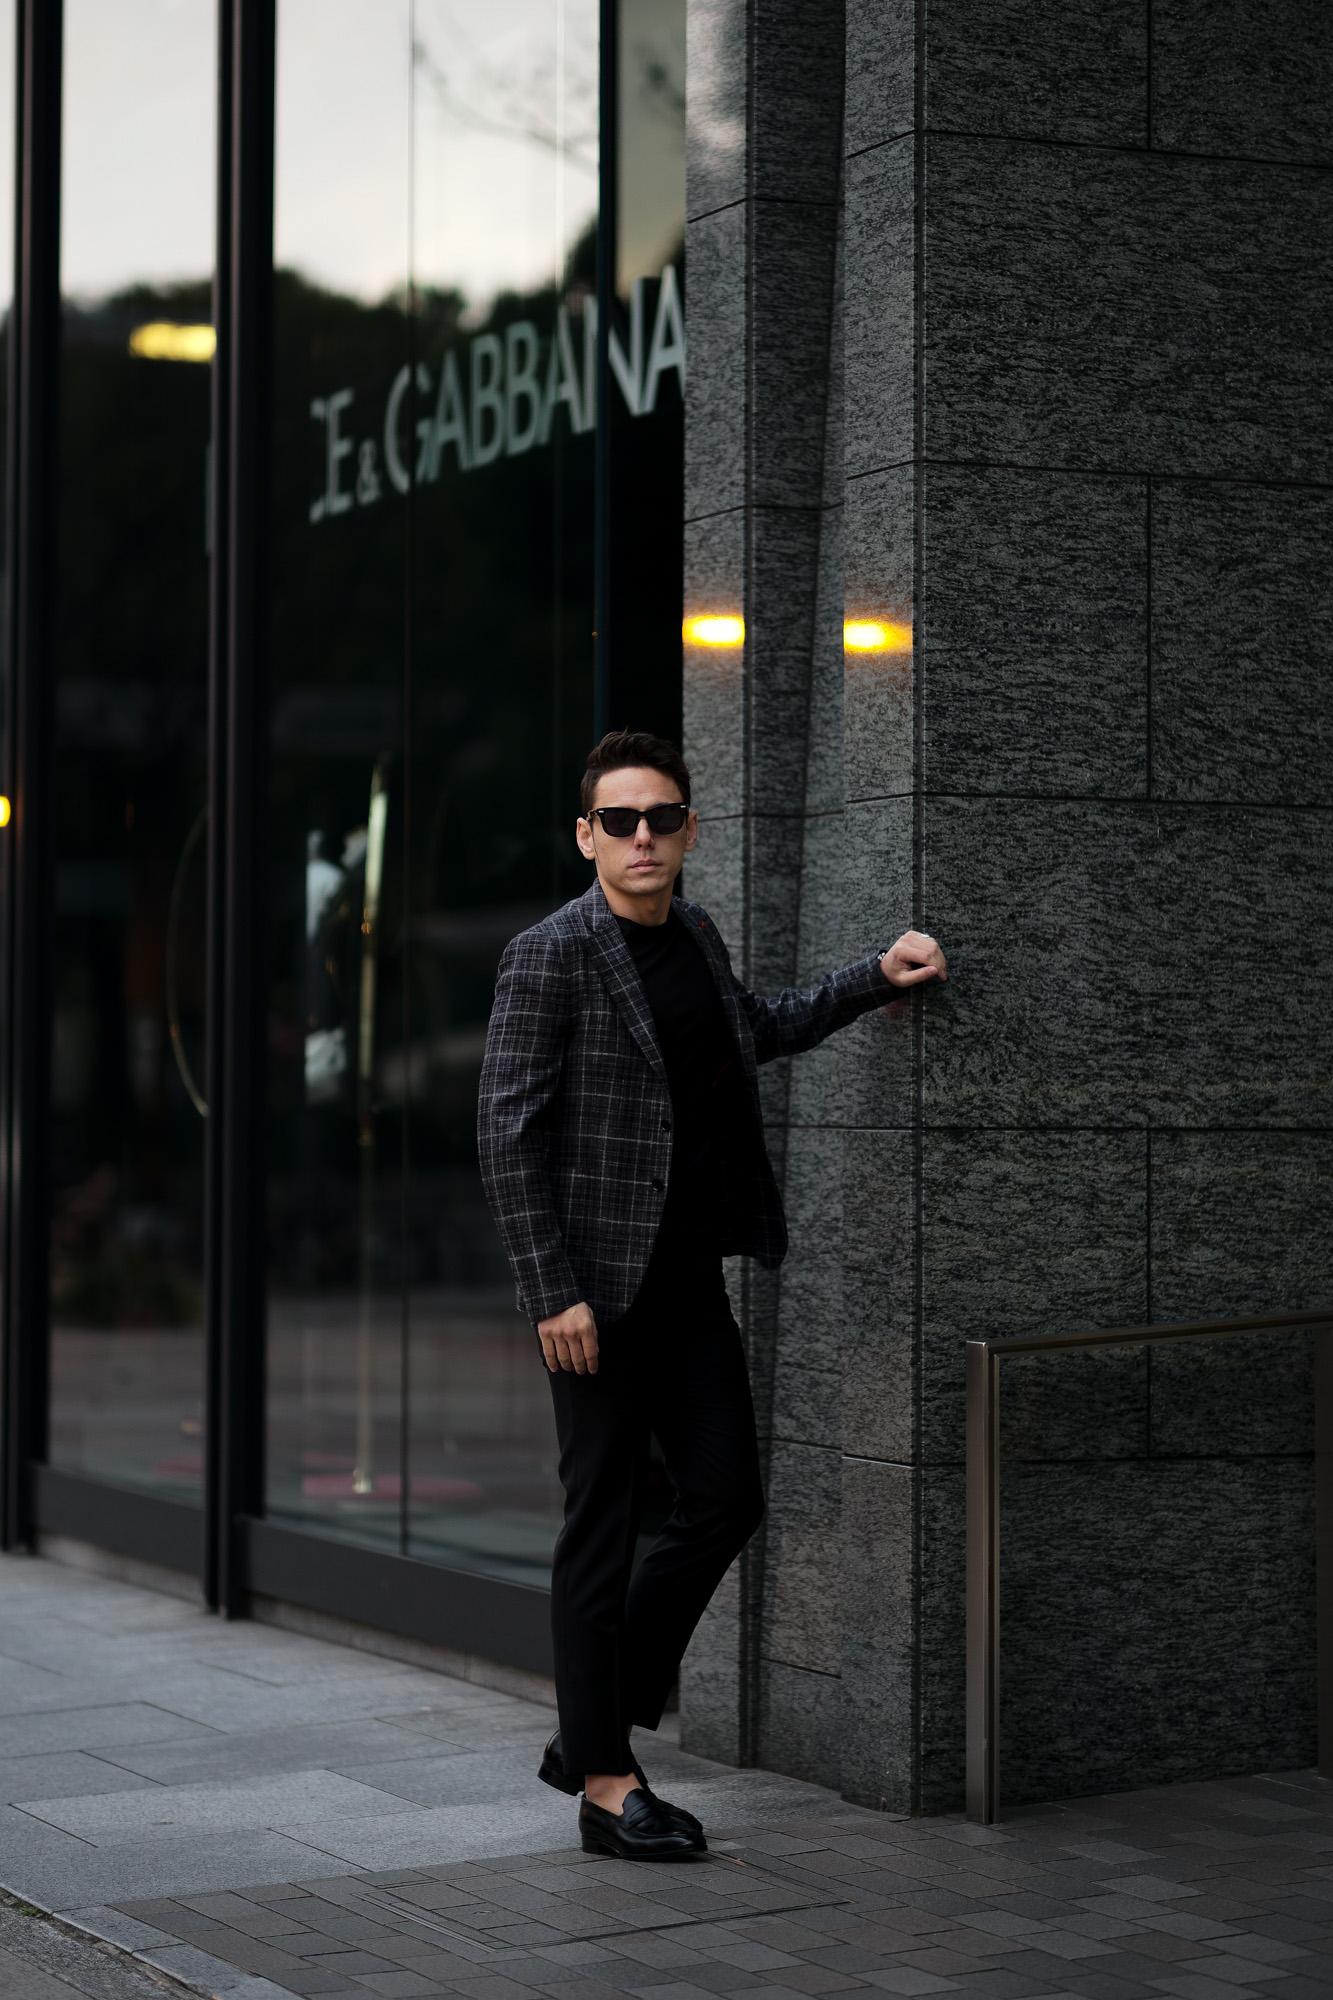 ISAIA (イザイア) POMPEI (ポンペイ) ウールシルクリネン グレンチェック サマー ジャケット BLACK (ブラック・990) Made in italy (イタリア製) 2021 春夏新作 愛知 名古屋 Alto e Diritto altoediritto アルトエデリット